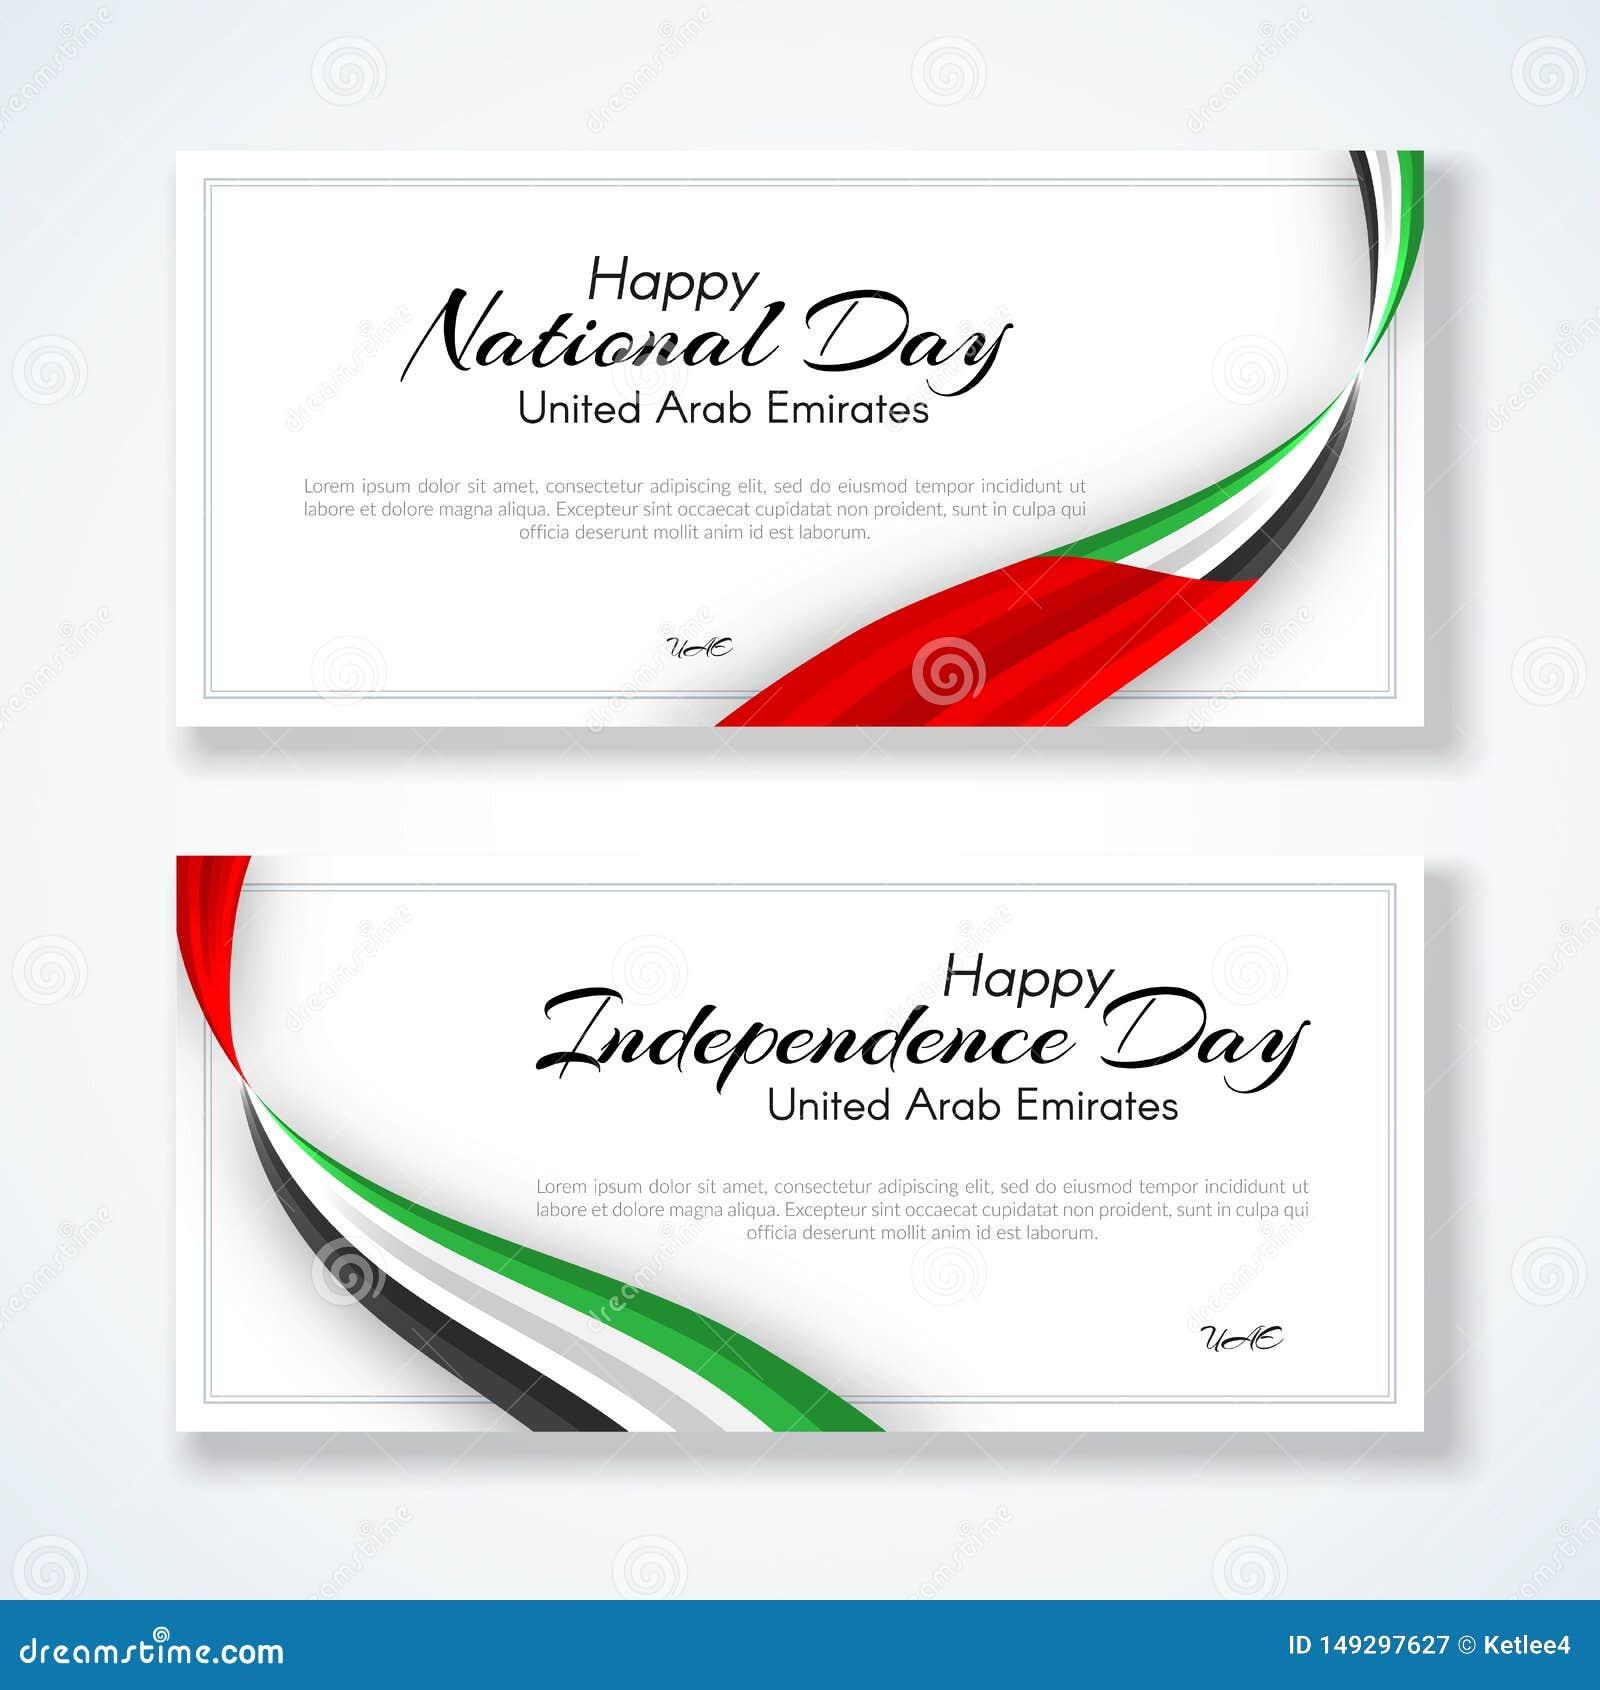 与阿拉伯联合酋长国阿拉伯联合酋长国的国旗的波浪丝带颜色的卡片有愉快的国庆节文本的